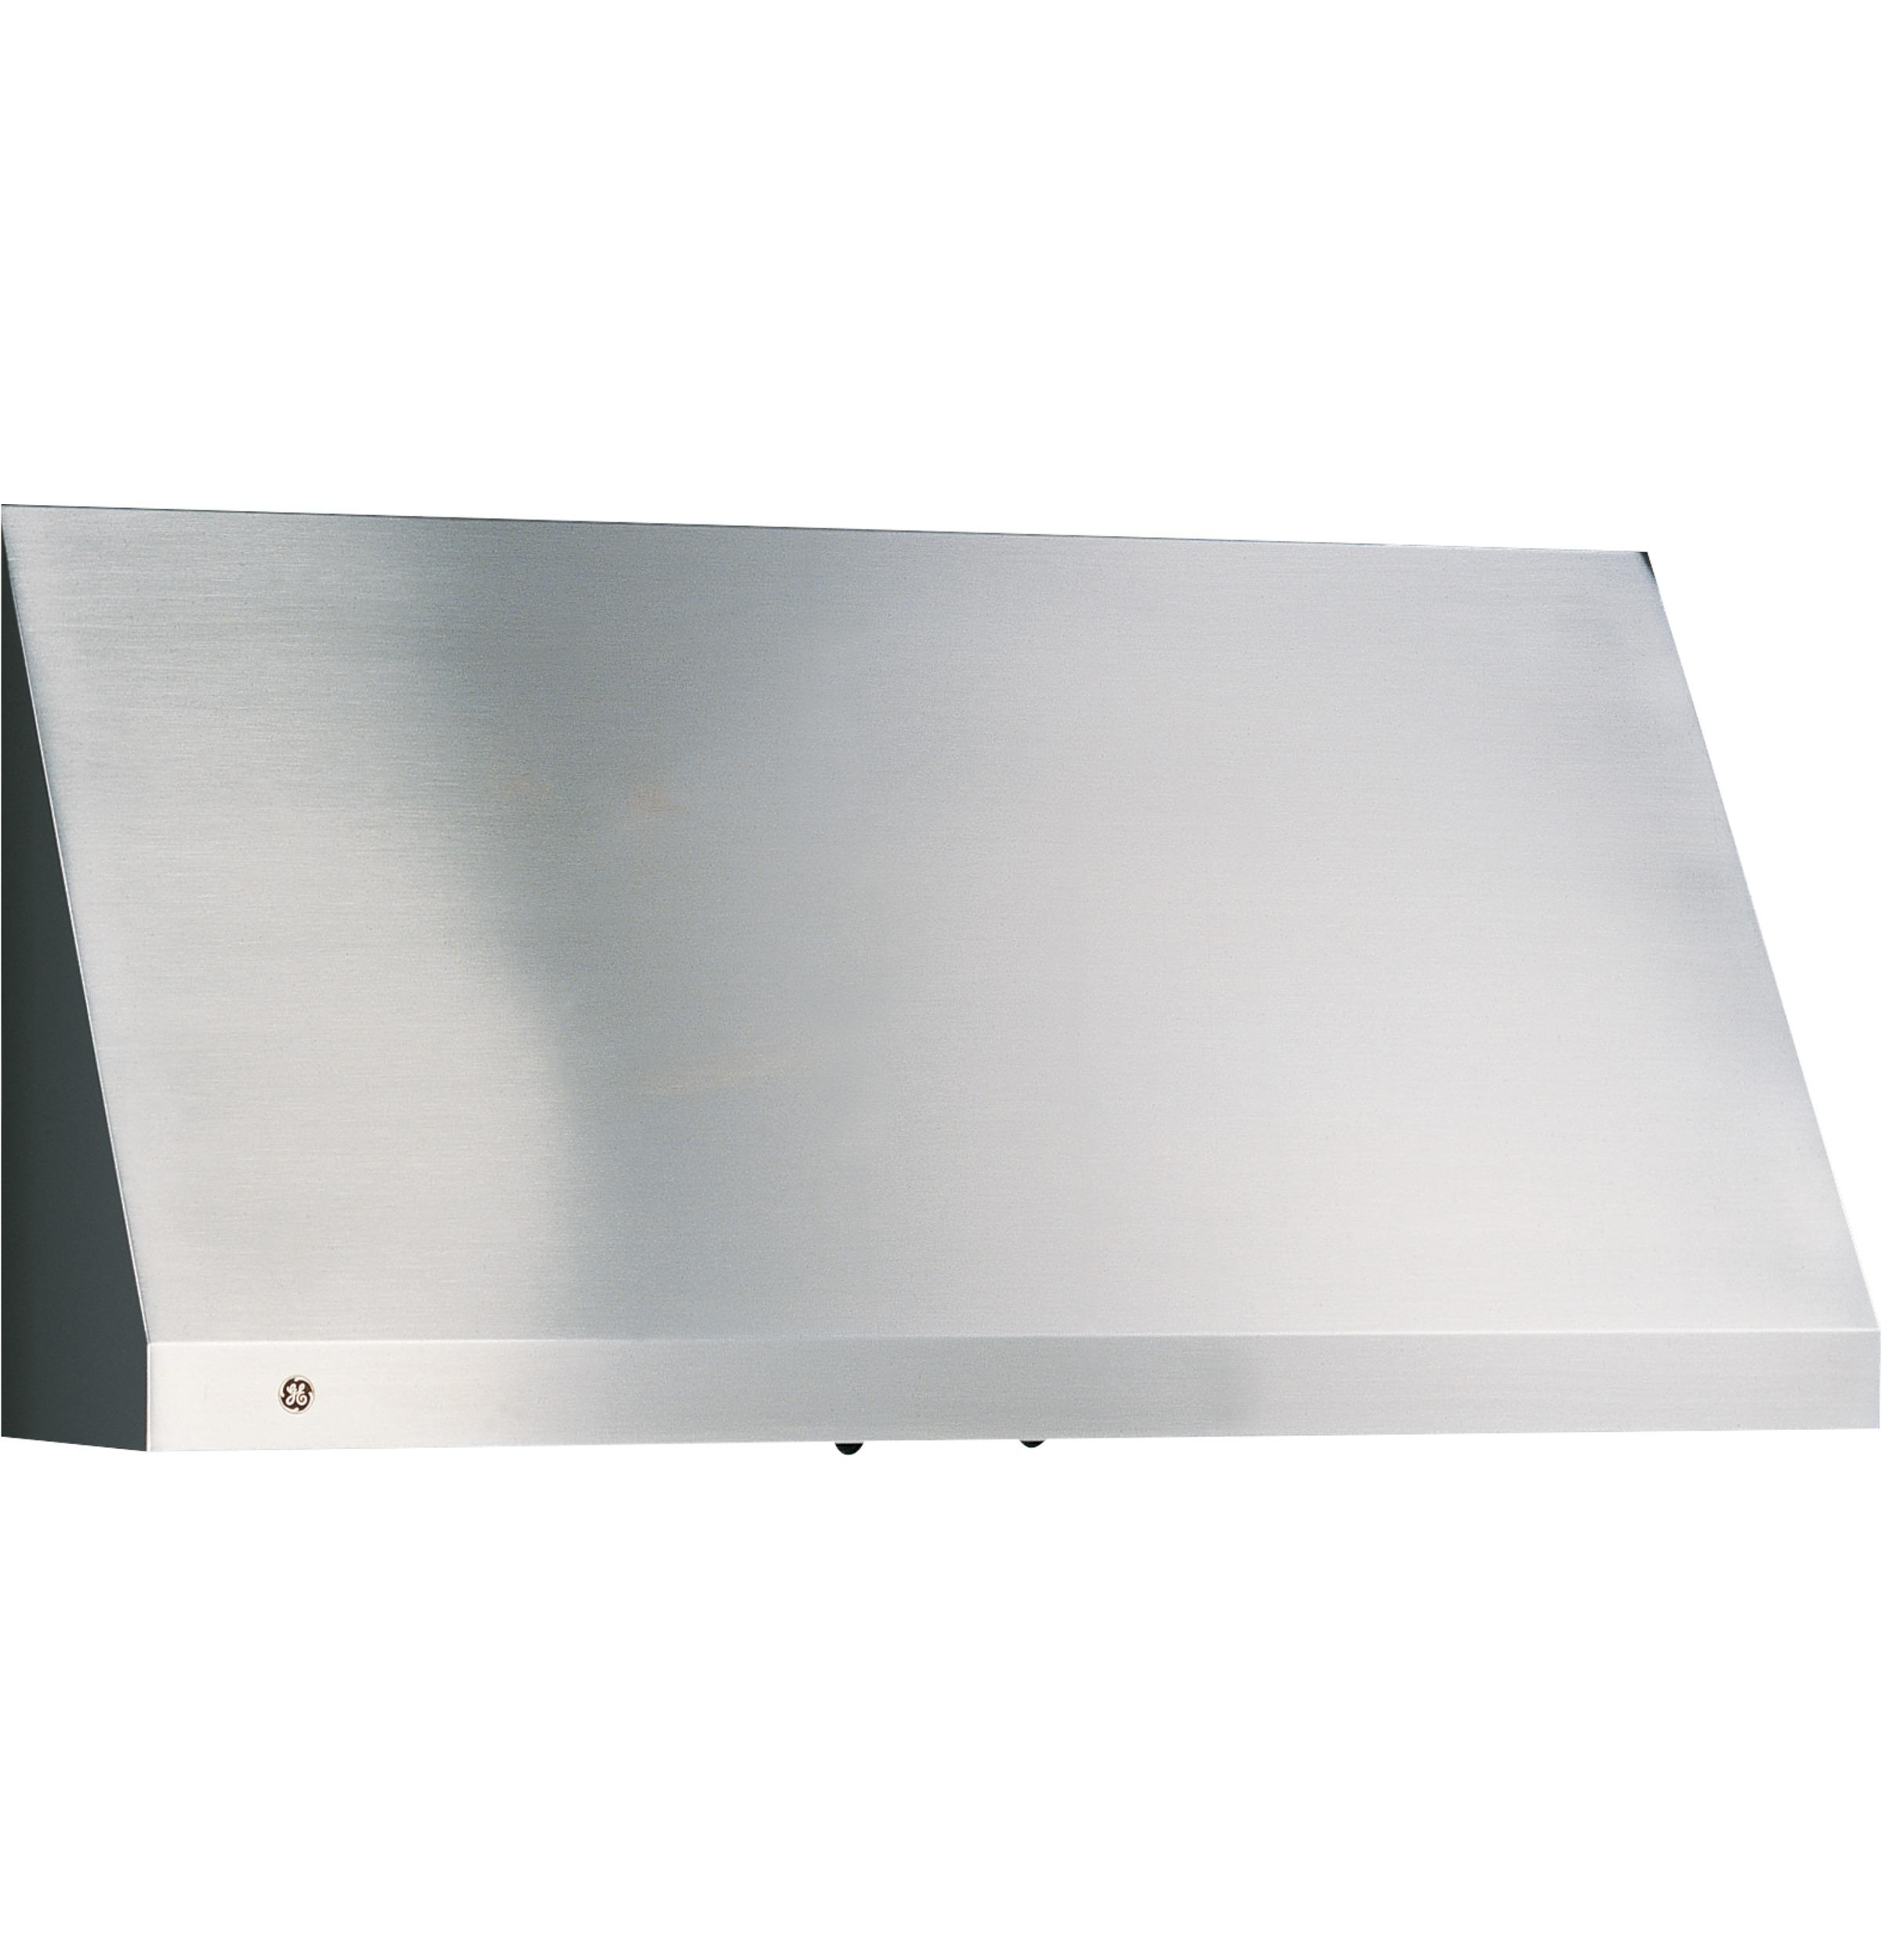 Model: JV966DSS   GE Profile™ Series 36